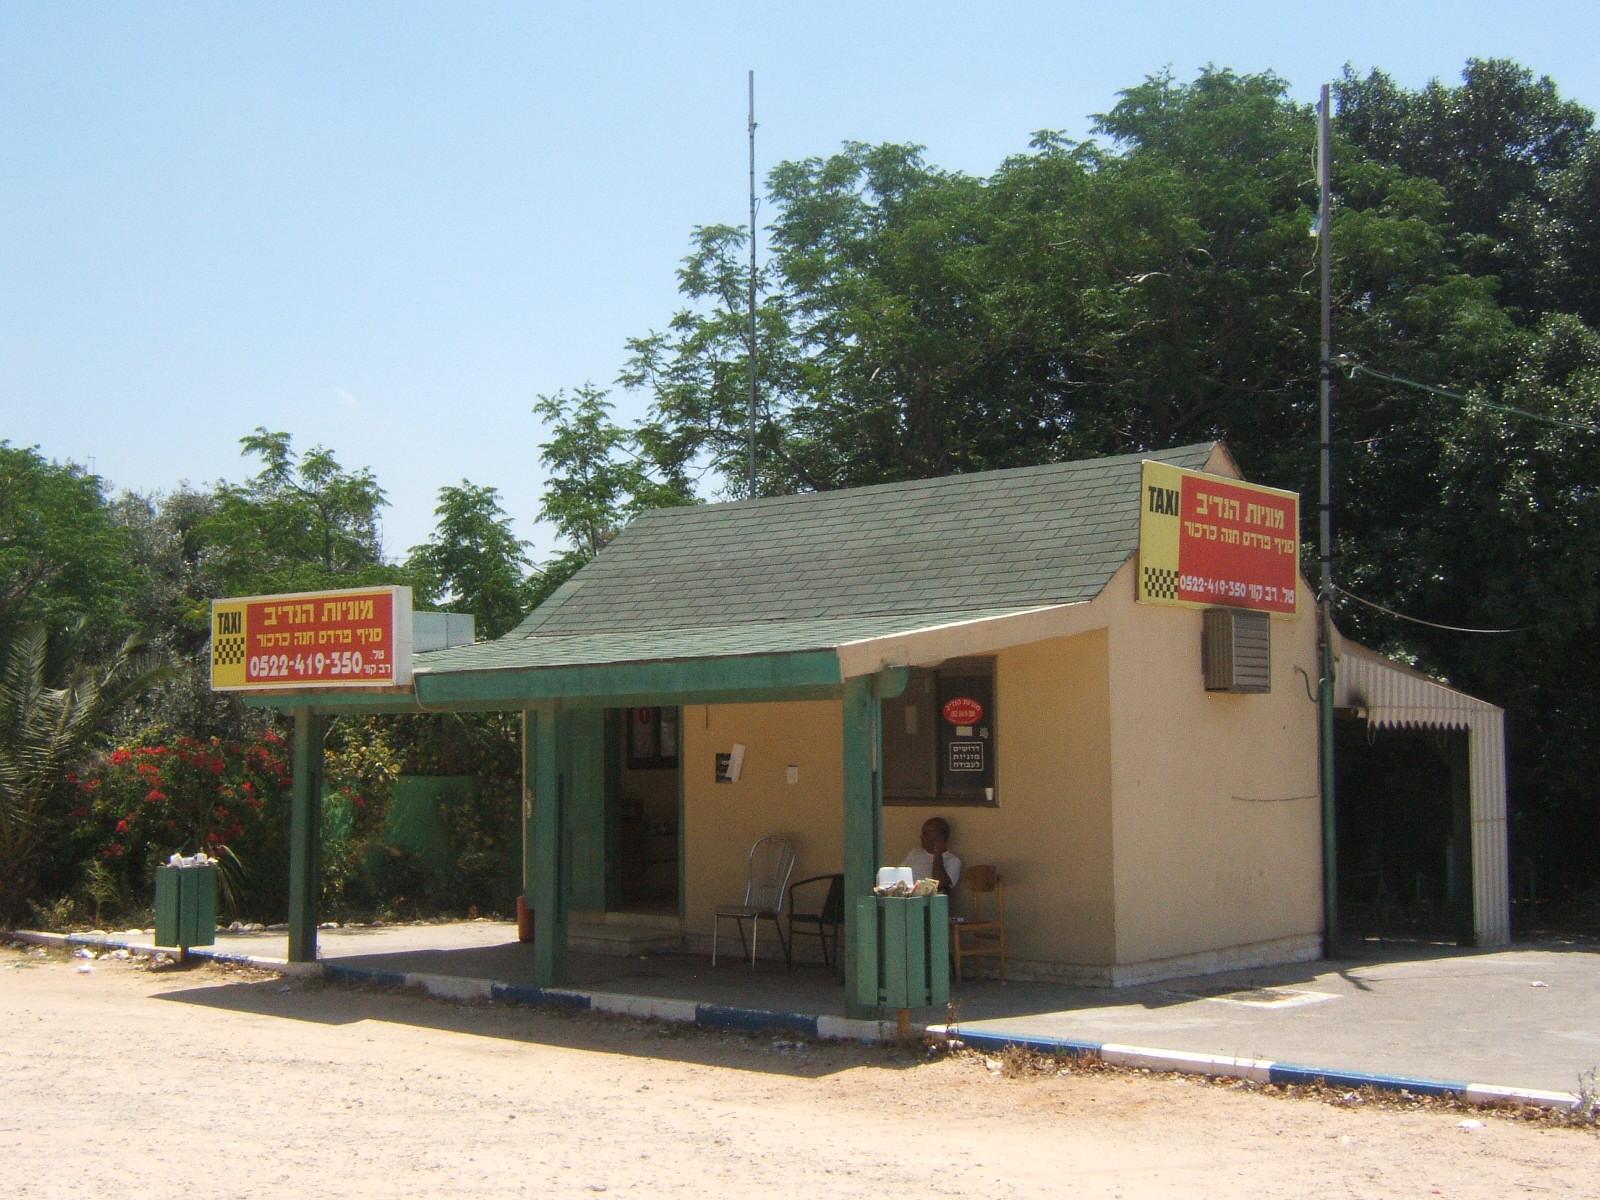 תחנת מוניות הנדיב